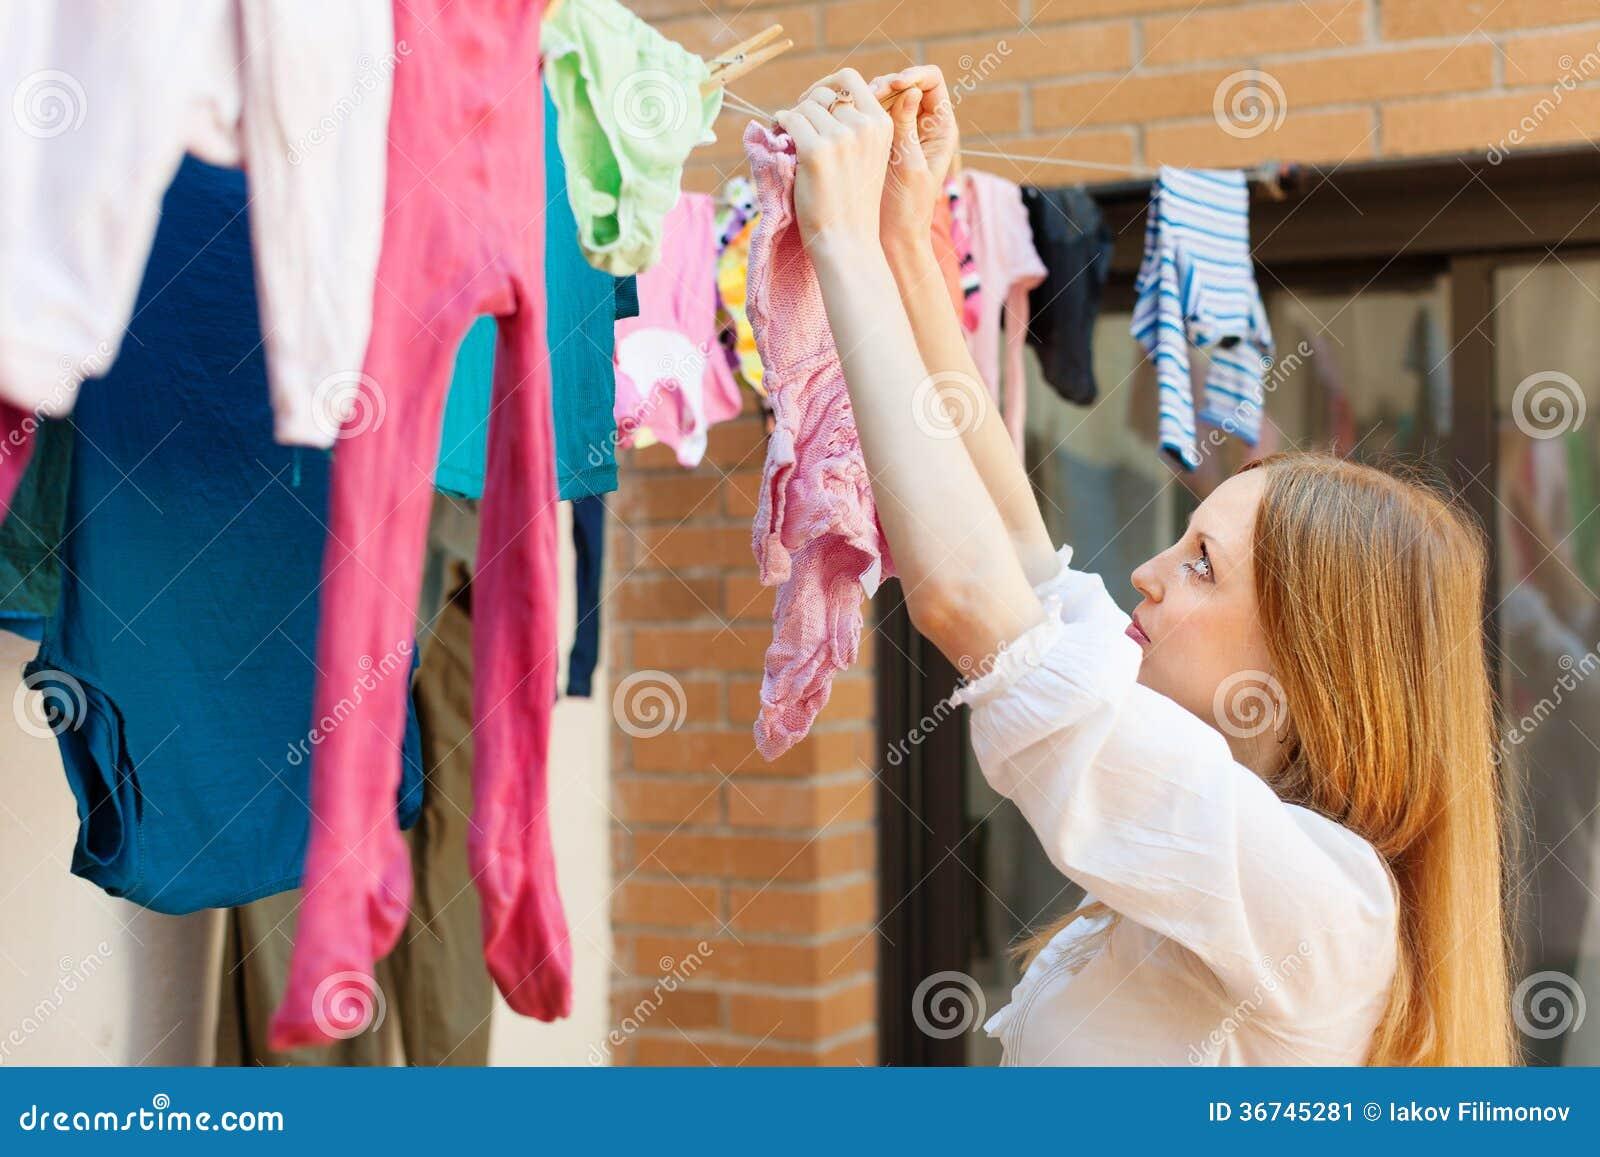 Фото женщины развешивающей белье 2 фотография